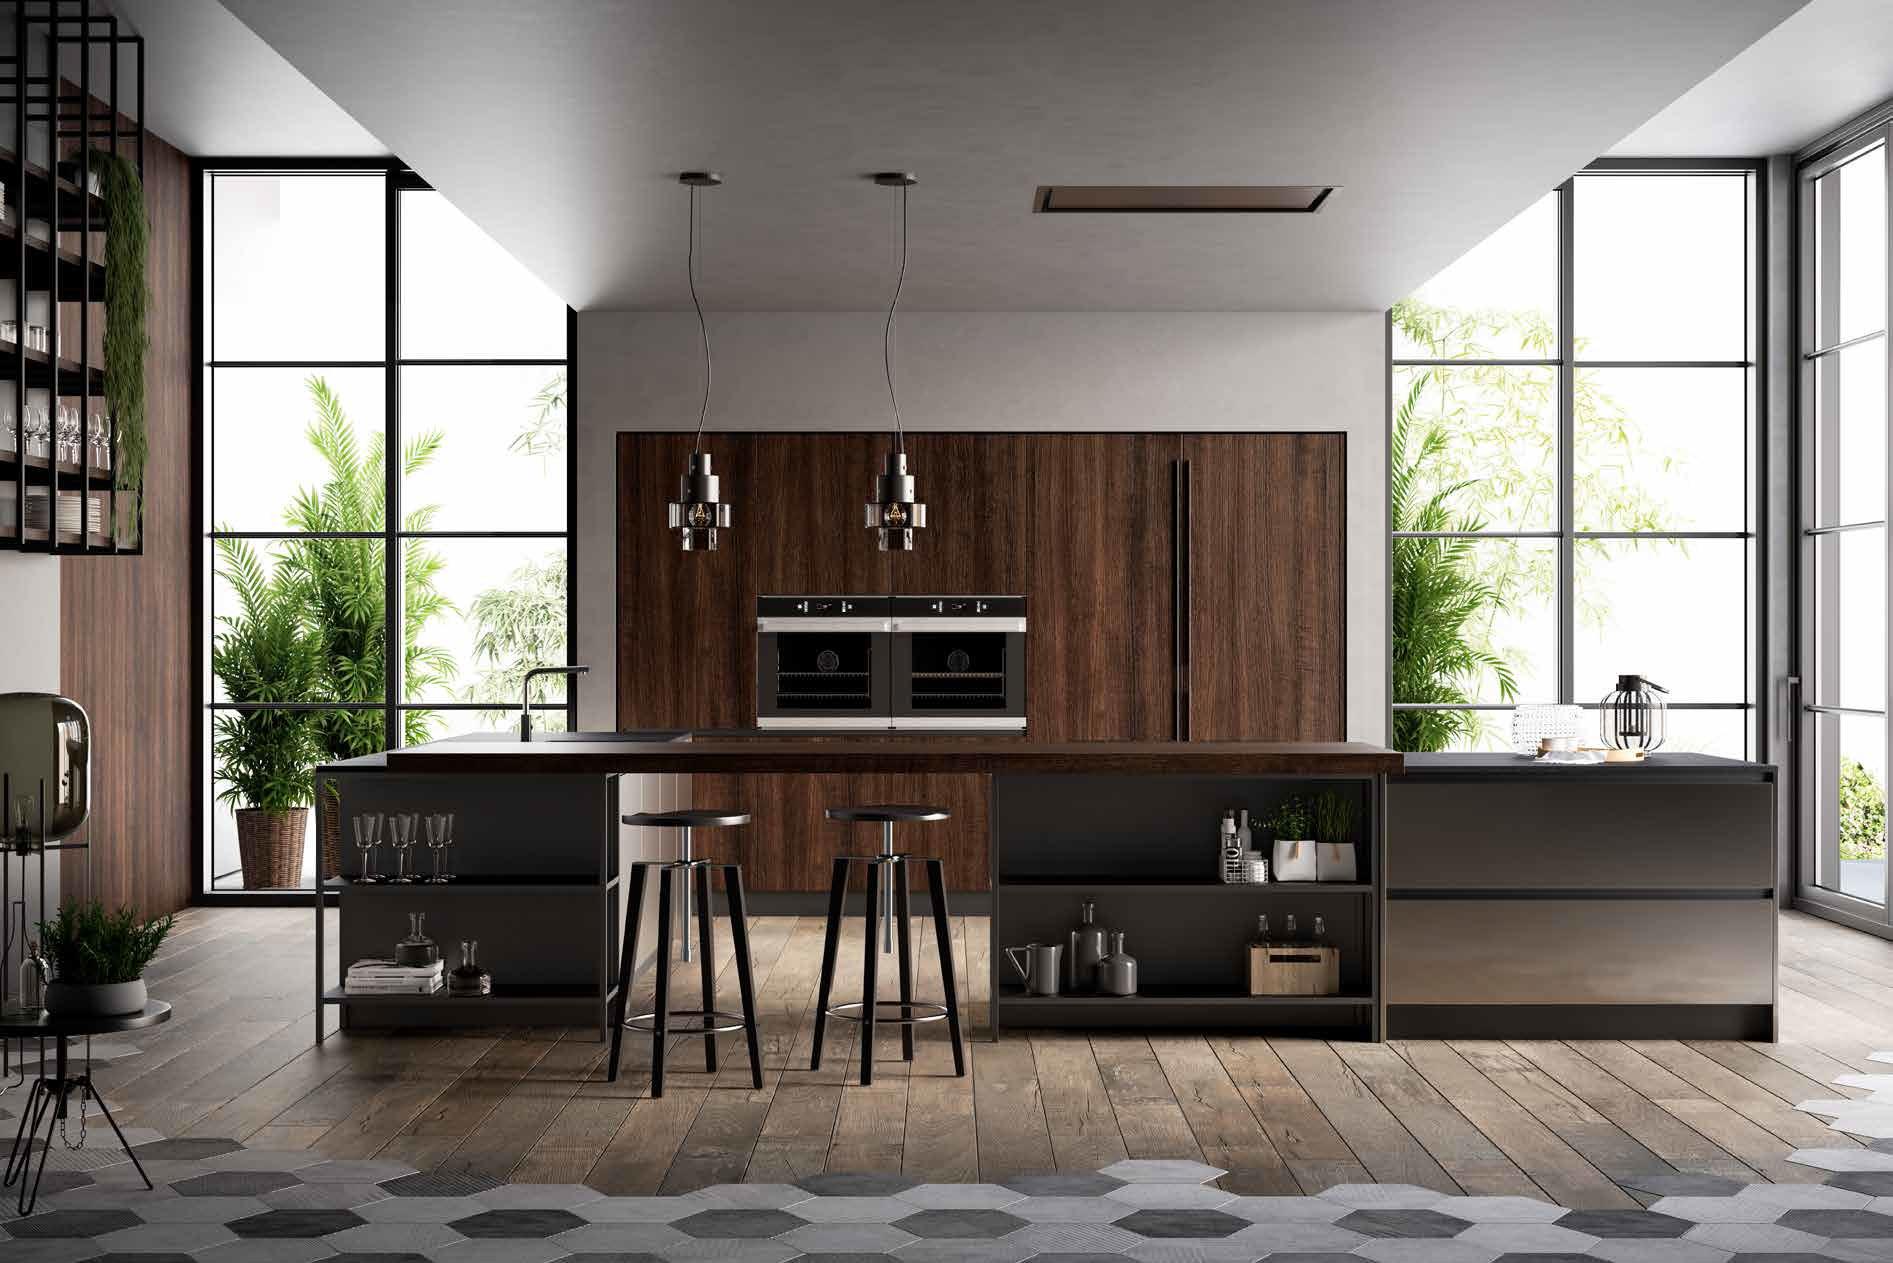 MyKitchen Concierge. Cum consolidăm relația de încredere client-studio în proiecte de design de bucătărie?